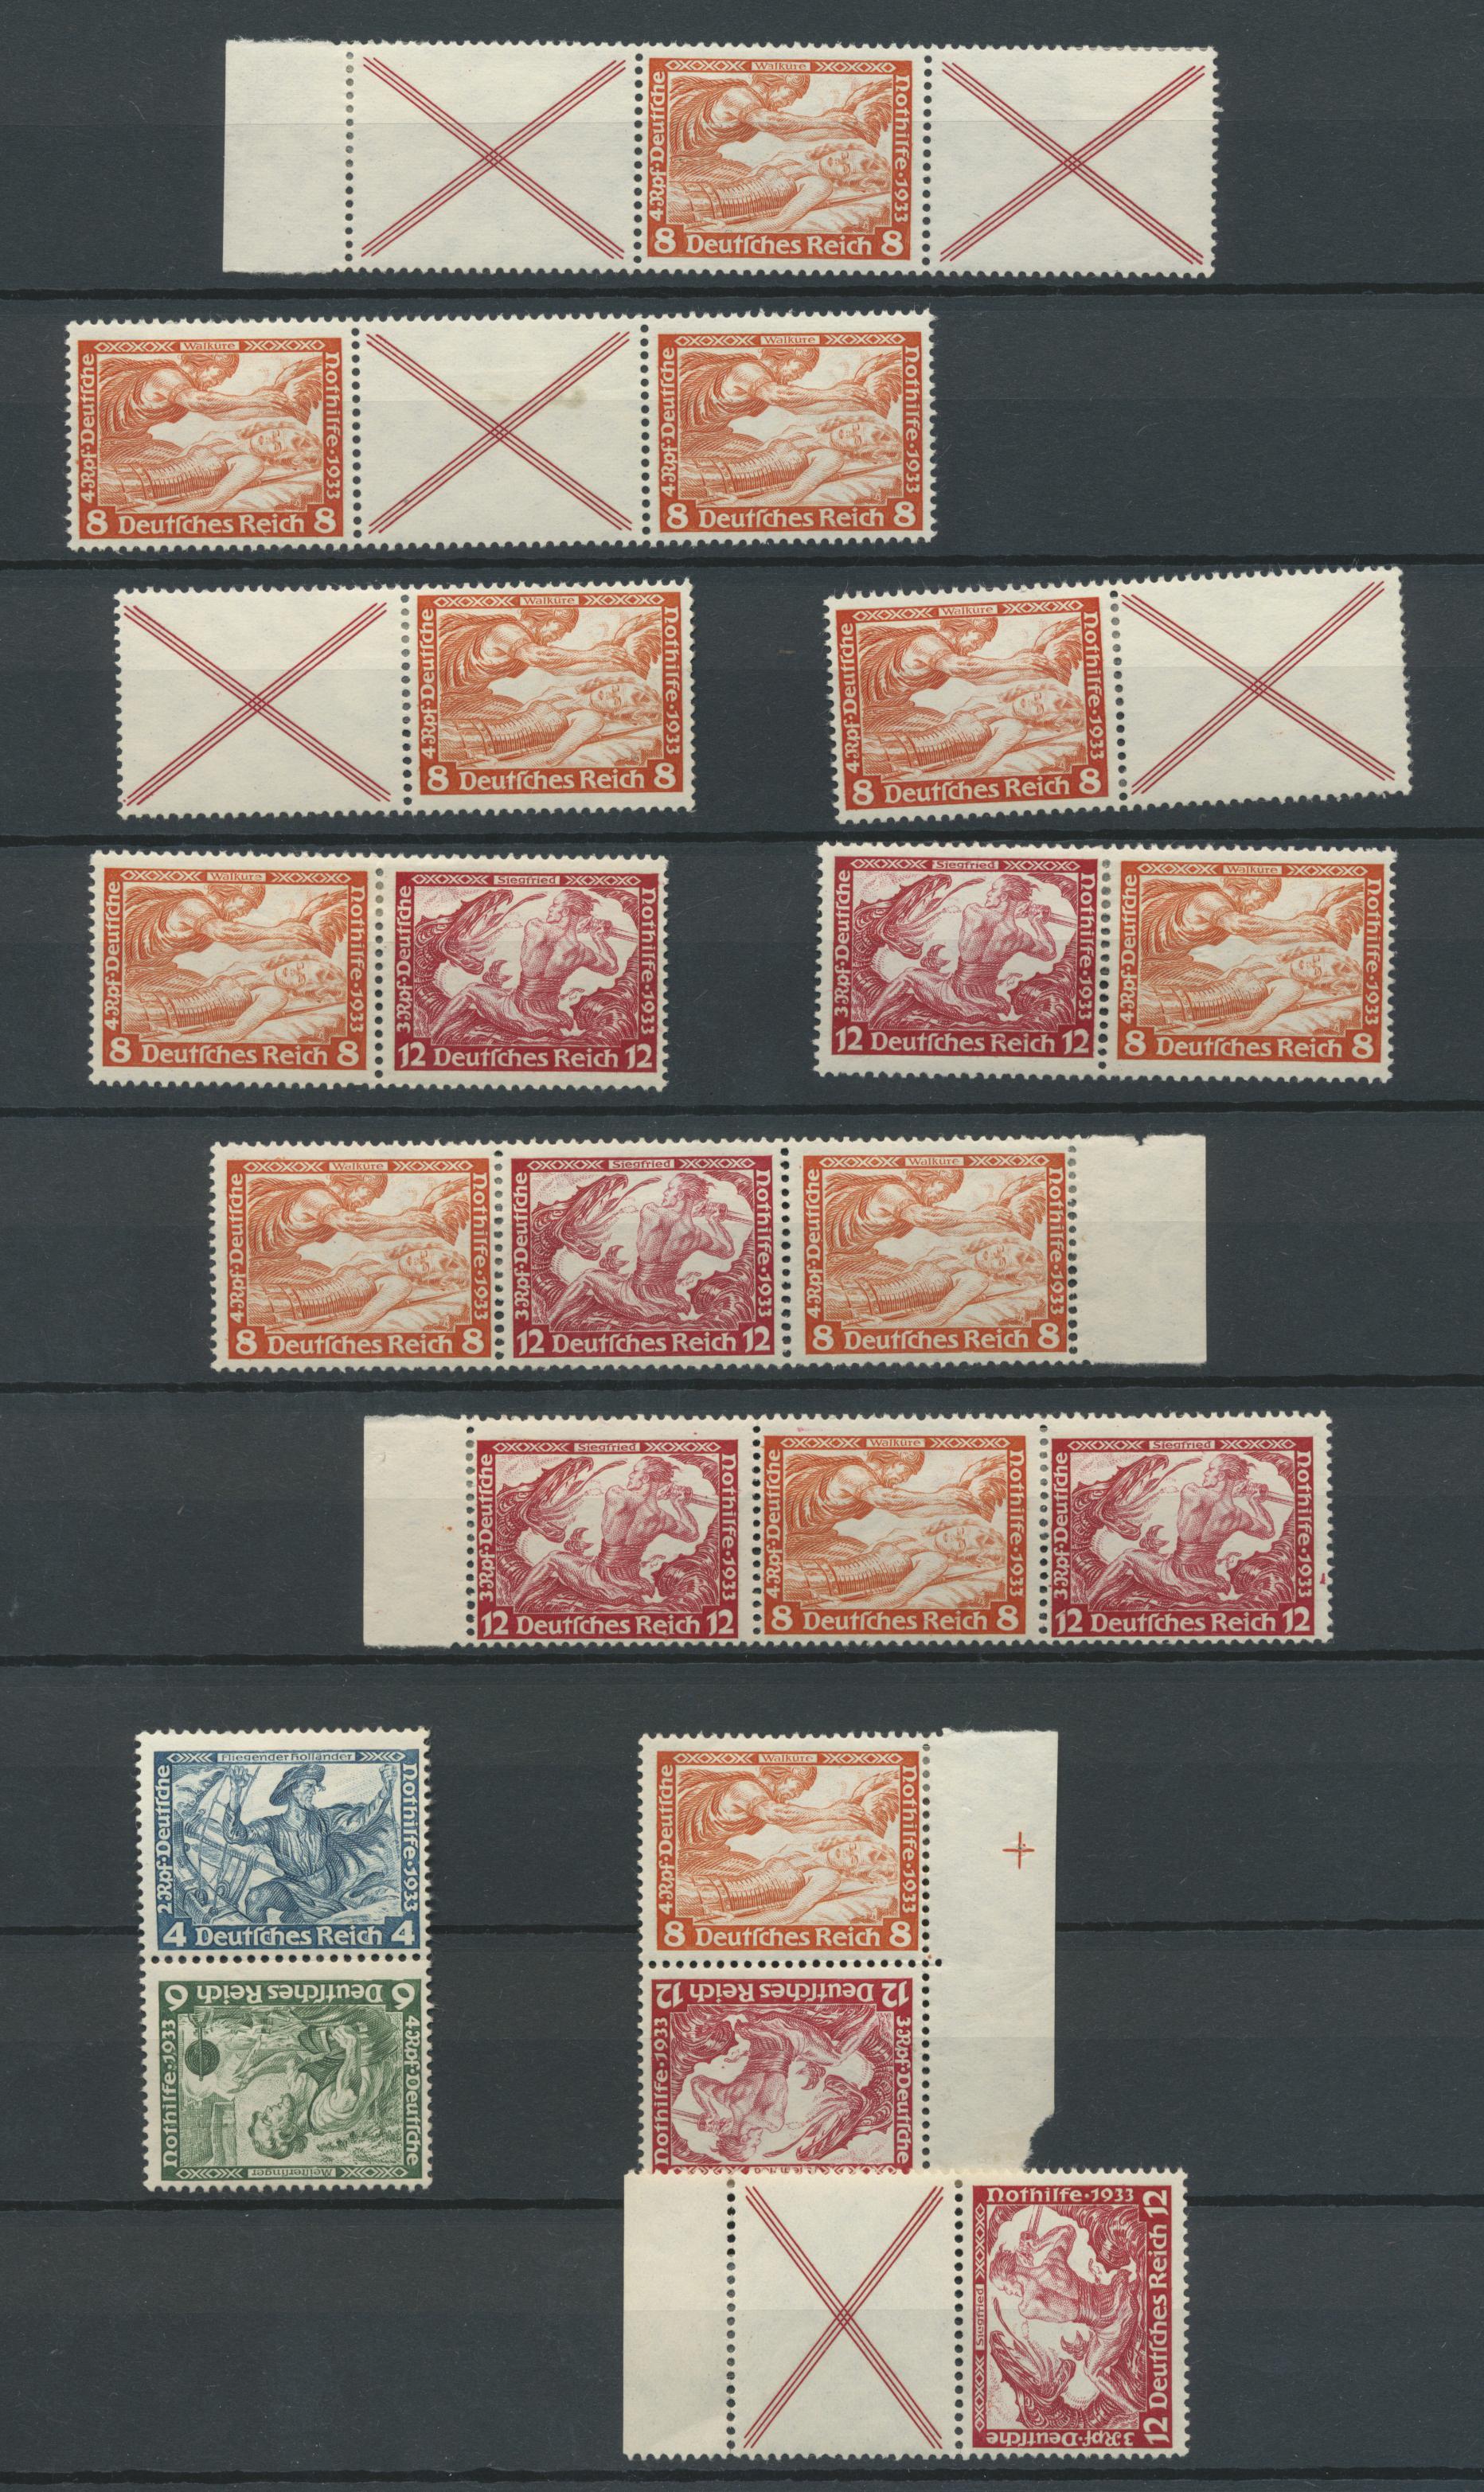 Lot 31681 - Deutsches Reich - Markenheftchenblätter  -  Auktionshaus Christoph Gärtner GmbH & Co. KG Auction #40 Collections Germany, Wunderkartons